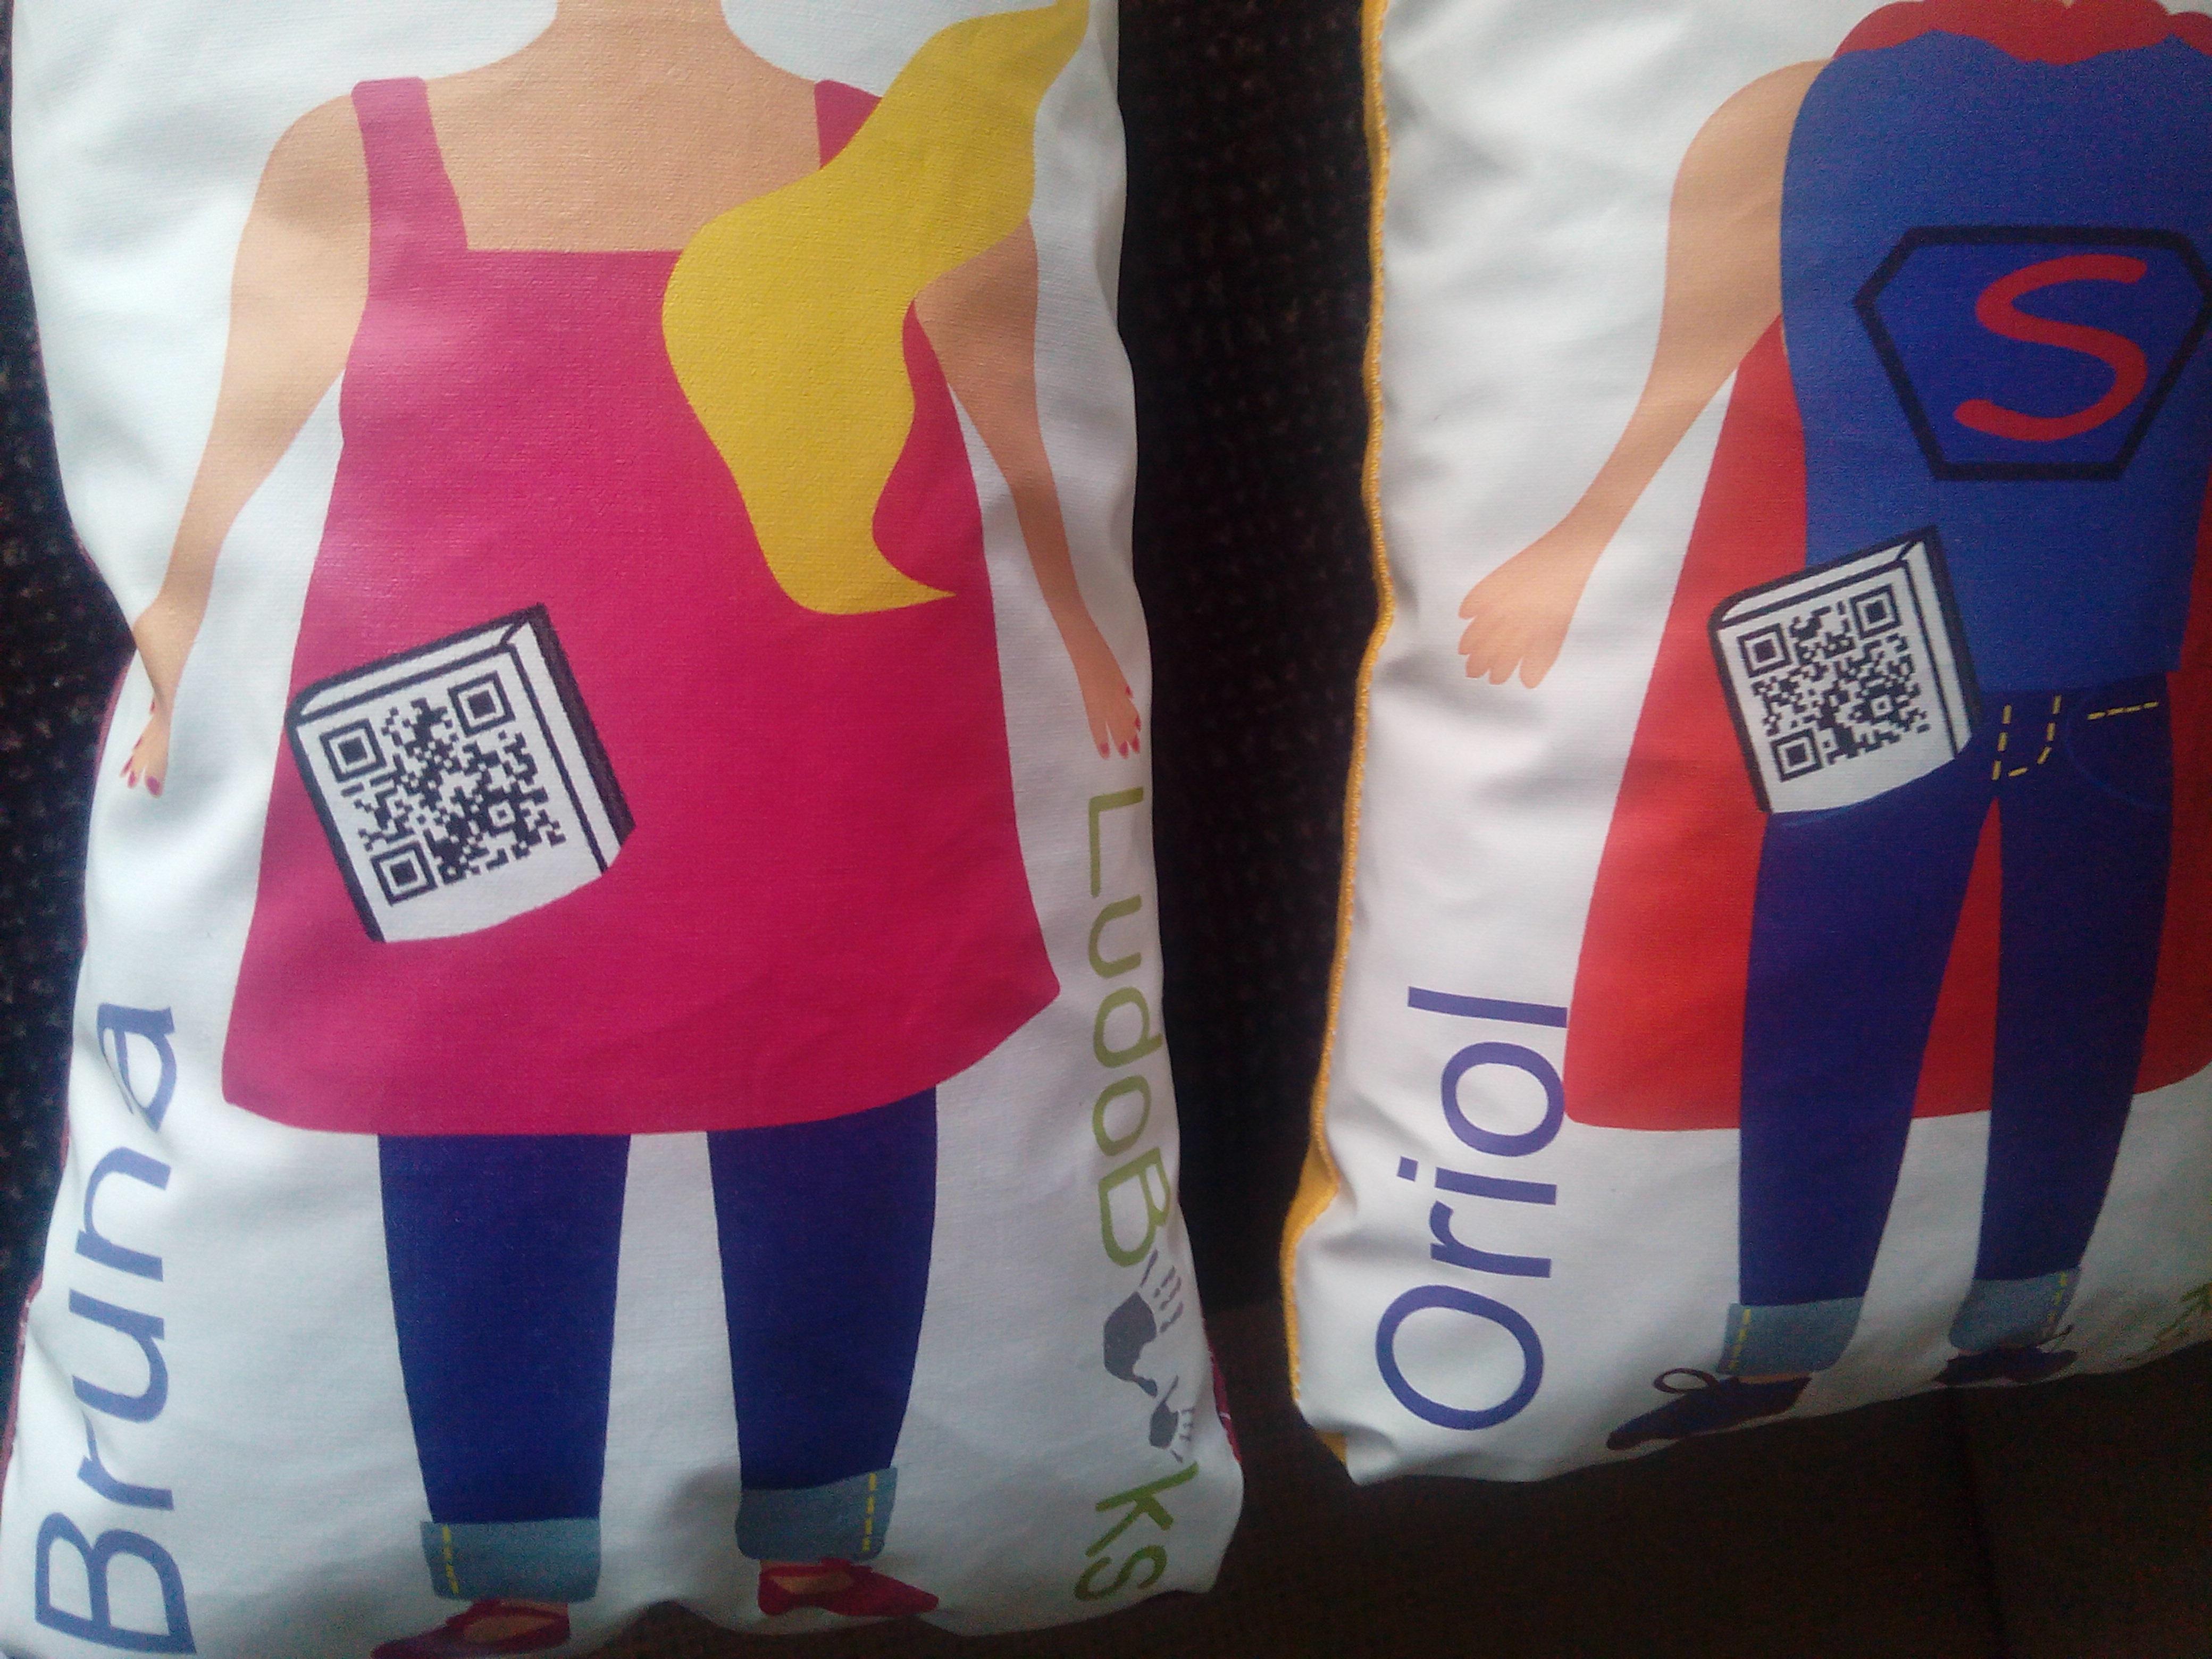 muñecas personalizadas - muñecos para leer, abrazar y querer